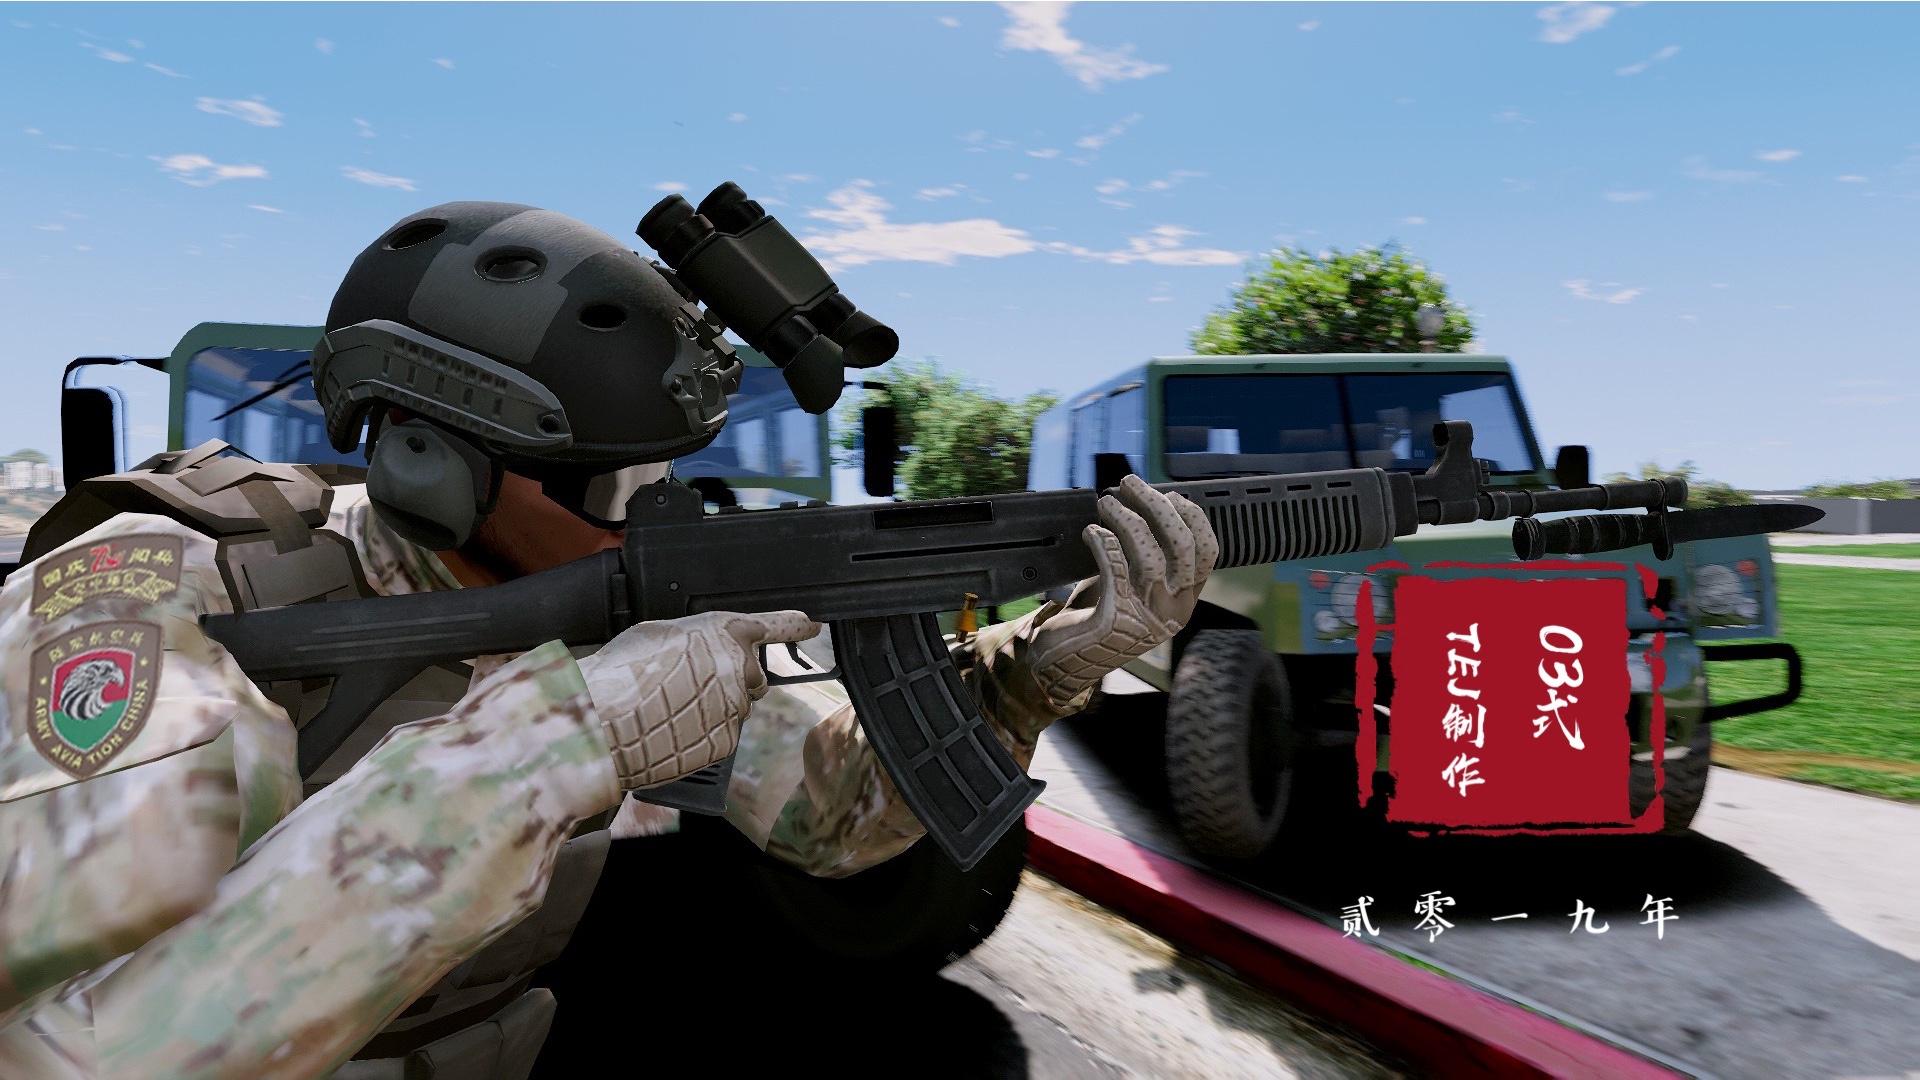 95突击车_QBZ-03 03式突击步枪 - GTA5-Mods.com